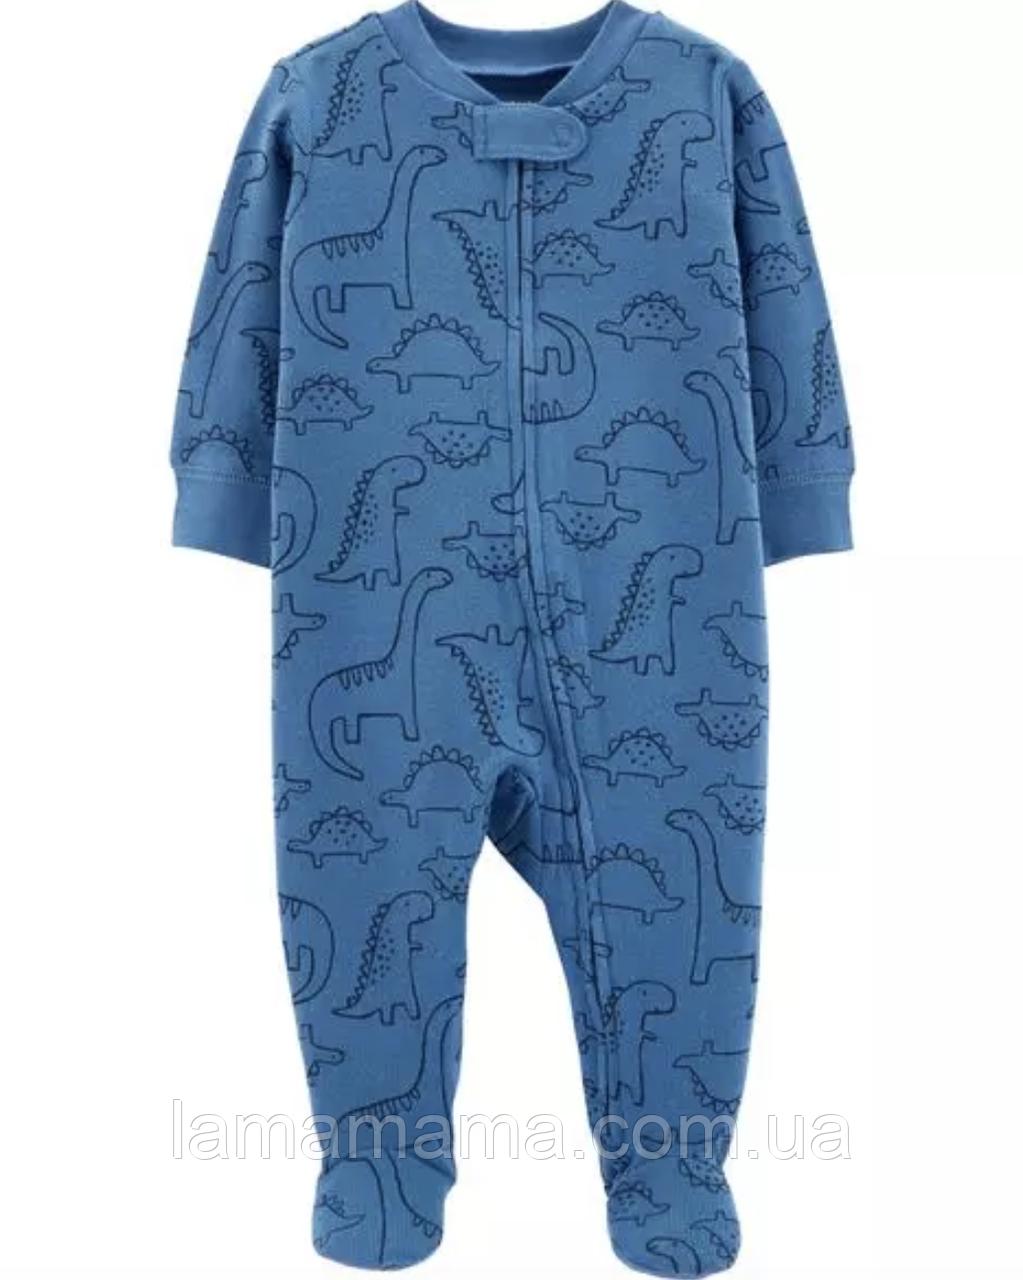 Хлопковый слип человечек Дино синий Картерс Carter's Dinosaur Zip-Up Cotton Sleep & Play